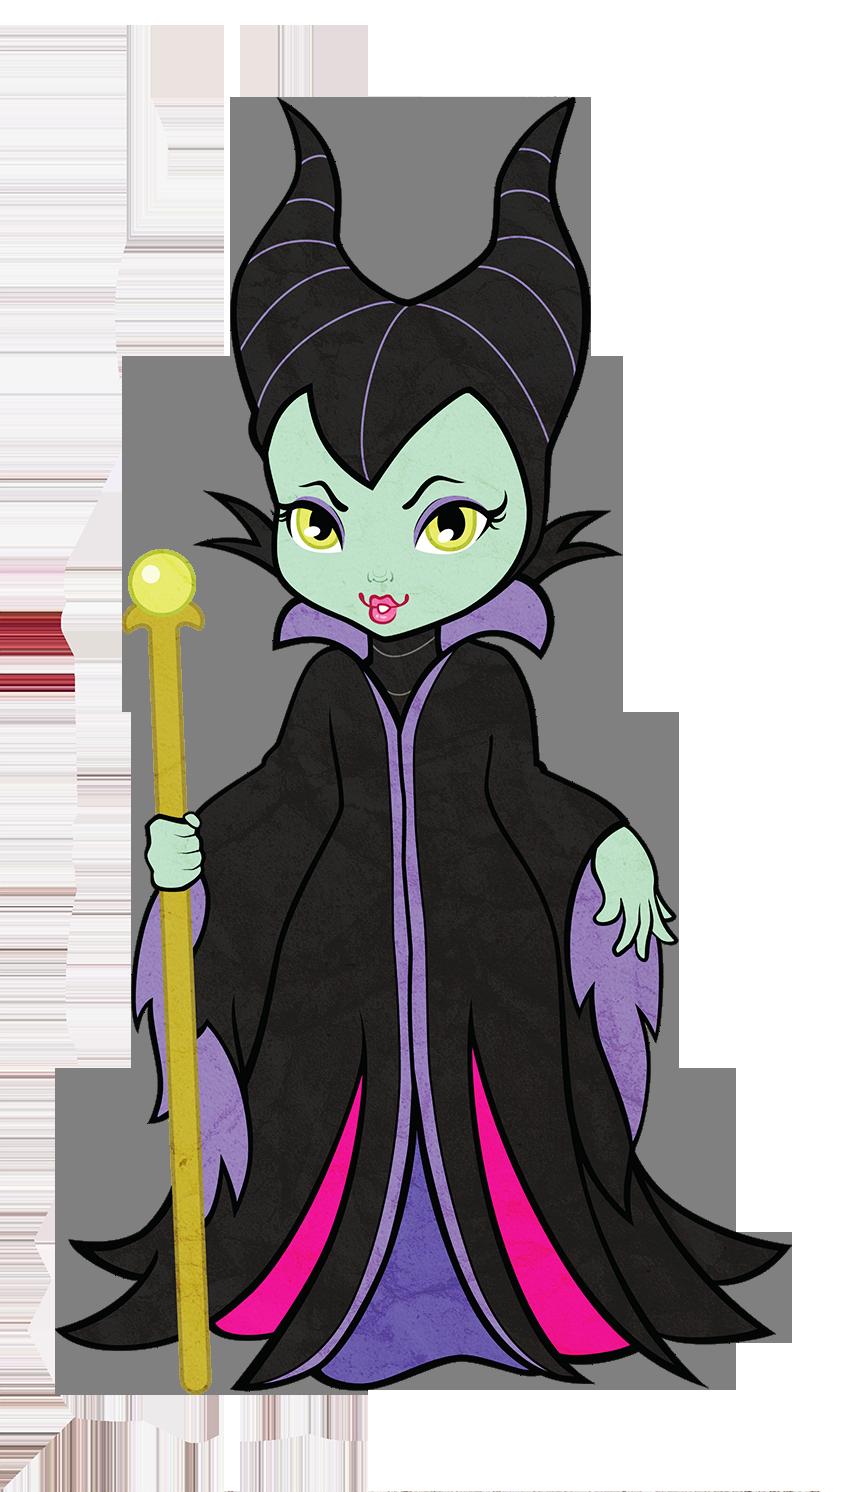 maleficent by kitchycat on deviantart